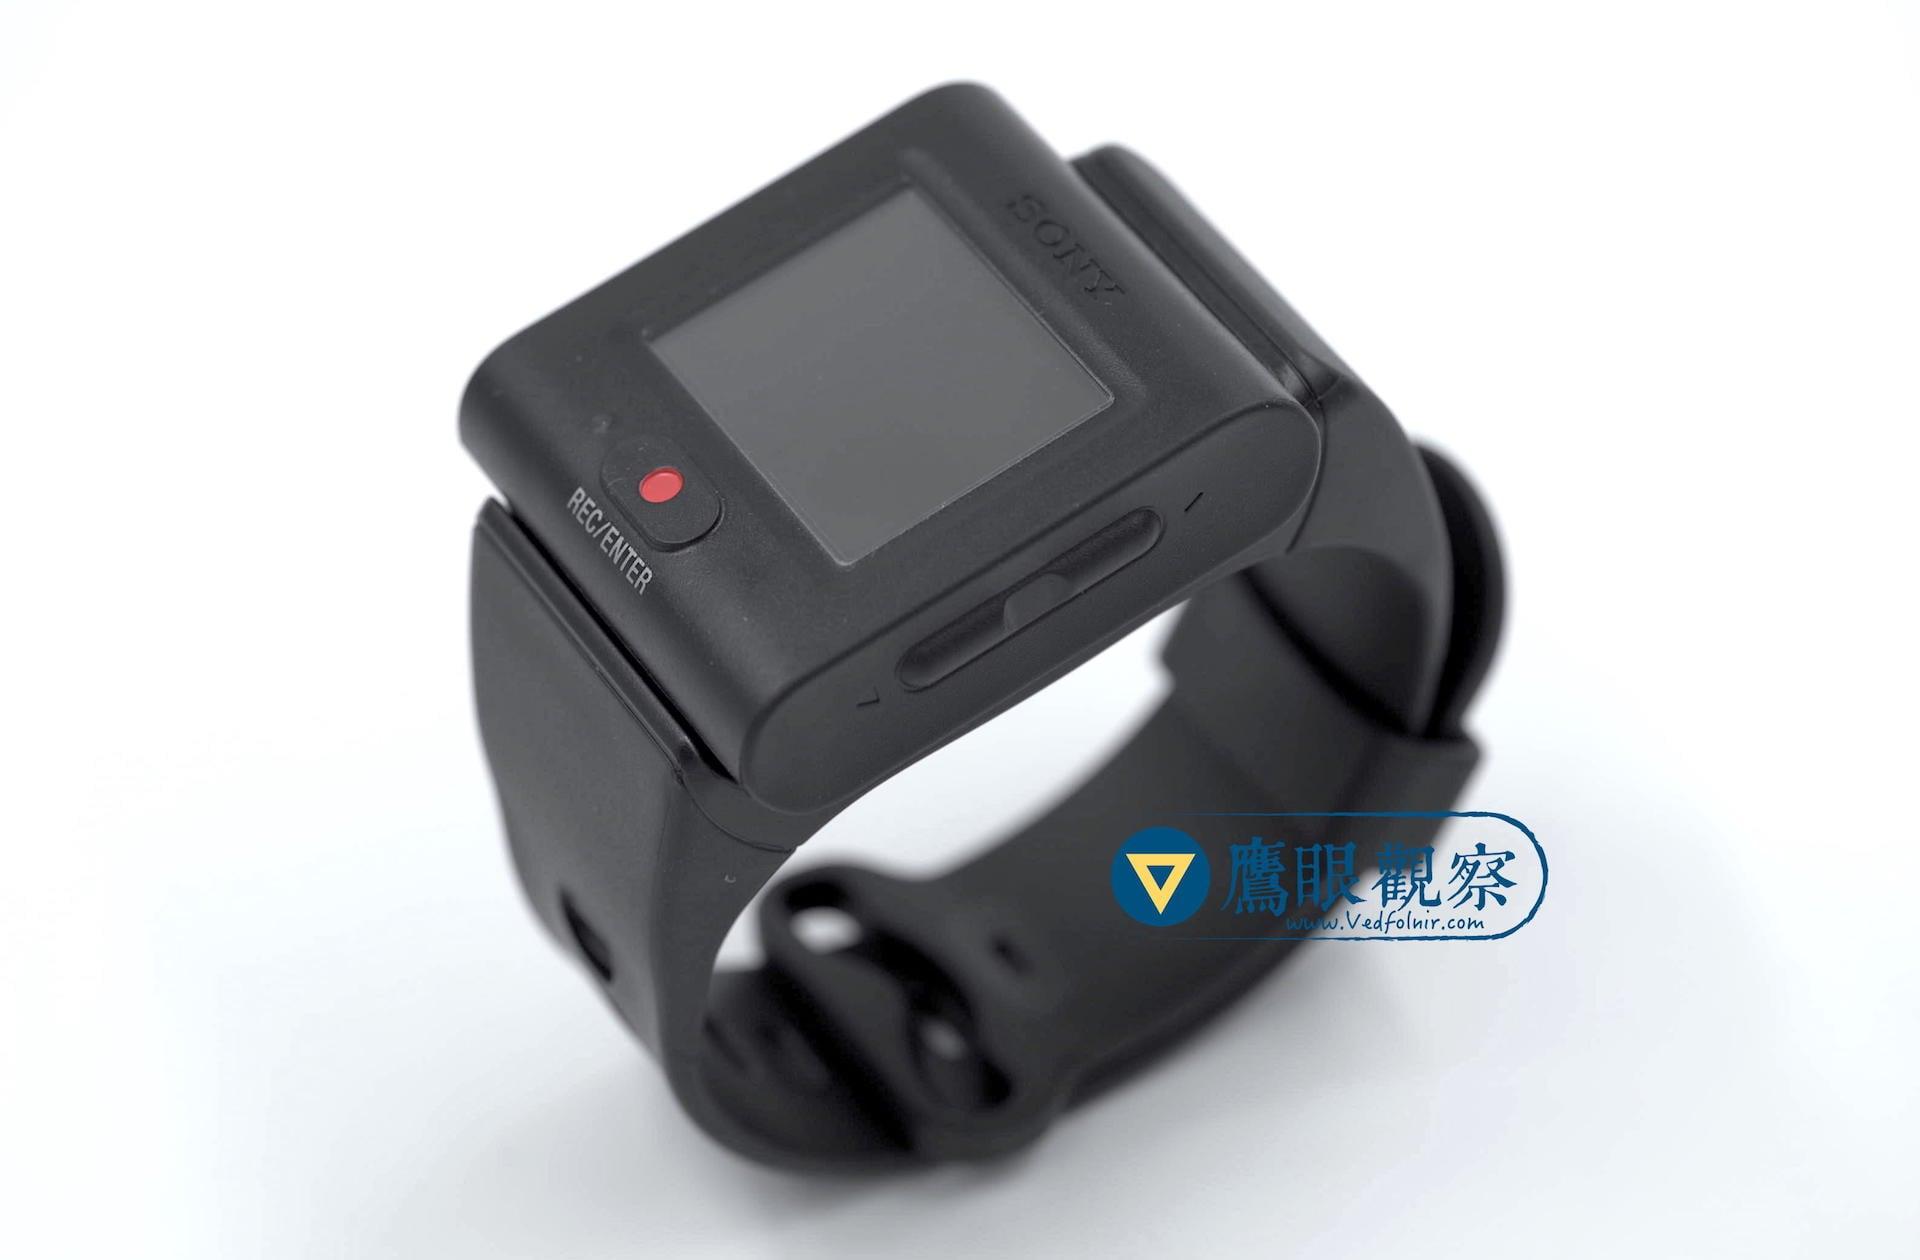 索尼 Sony FDR-X3000、X3000R 4K 運動攝影機購買建議和即時檢視遙控器分析